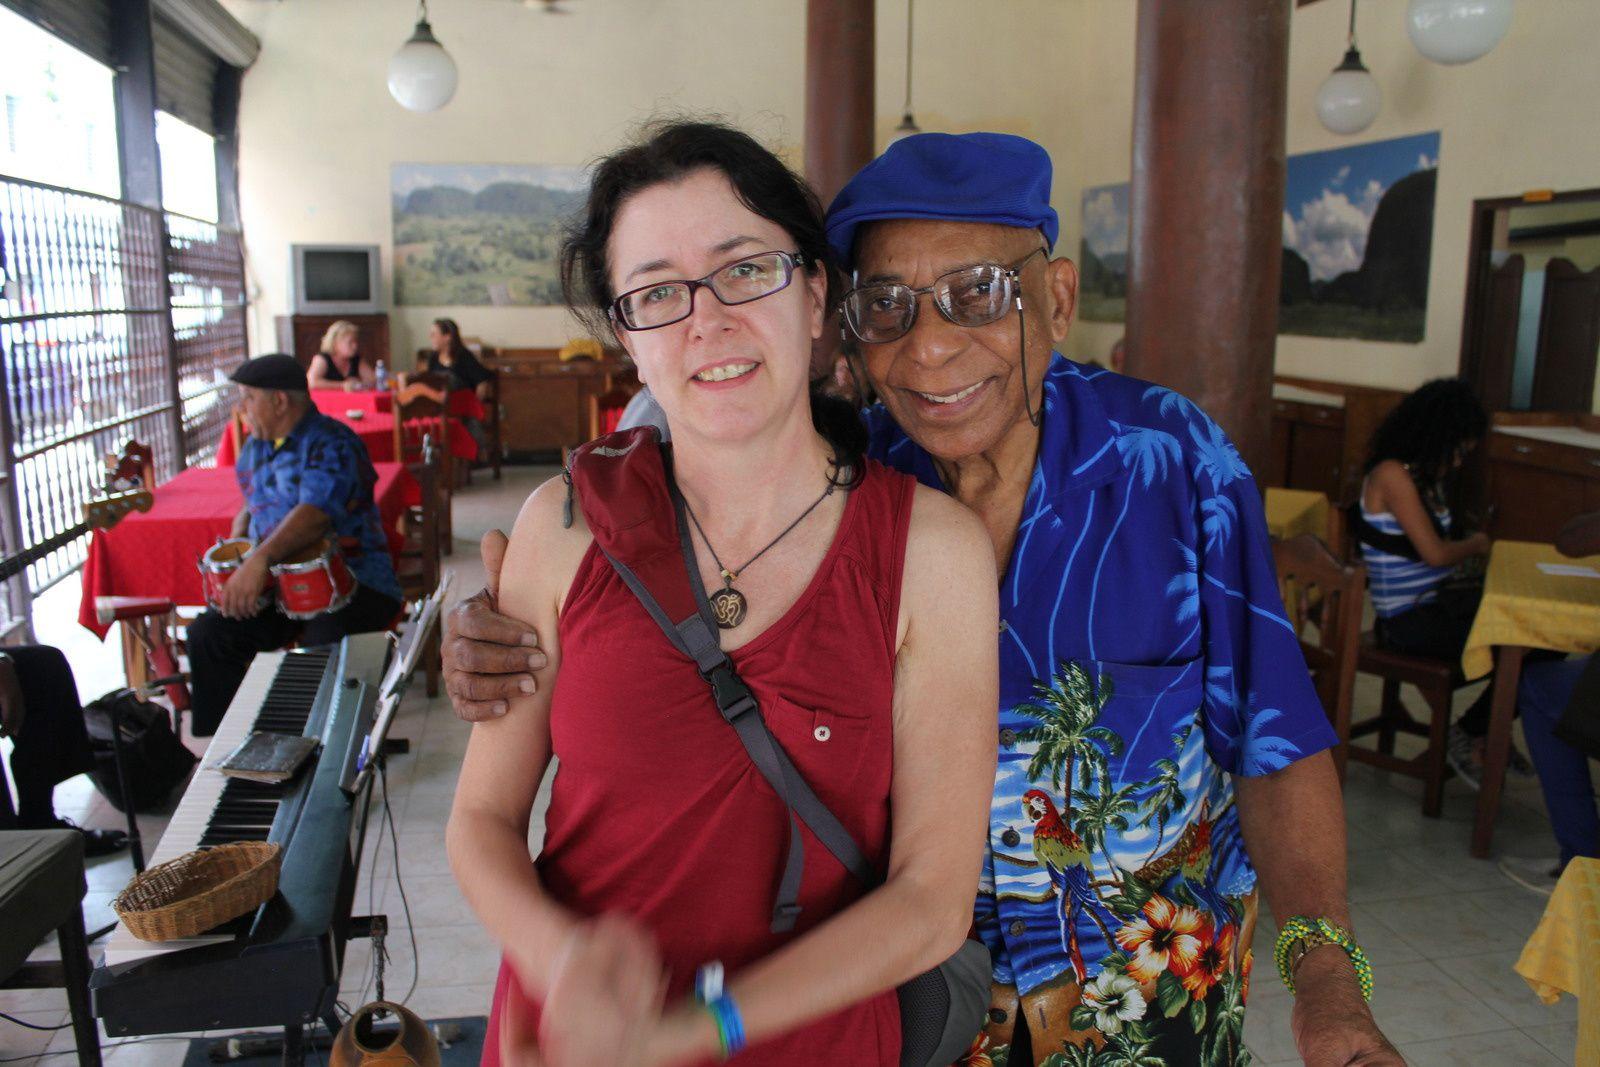 Amaranto, pianiste cubain fêtant ses 88 ans dont 64 à jouer de la musique